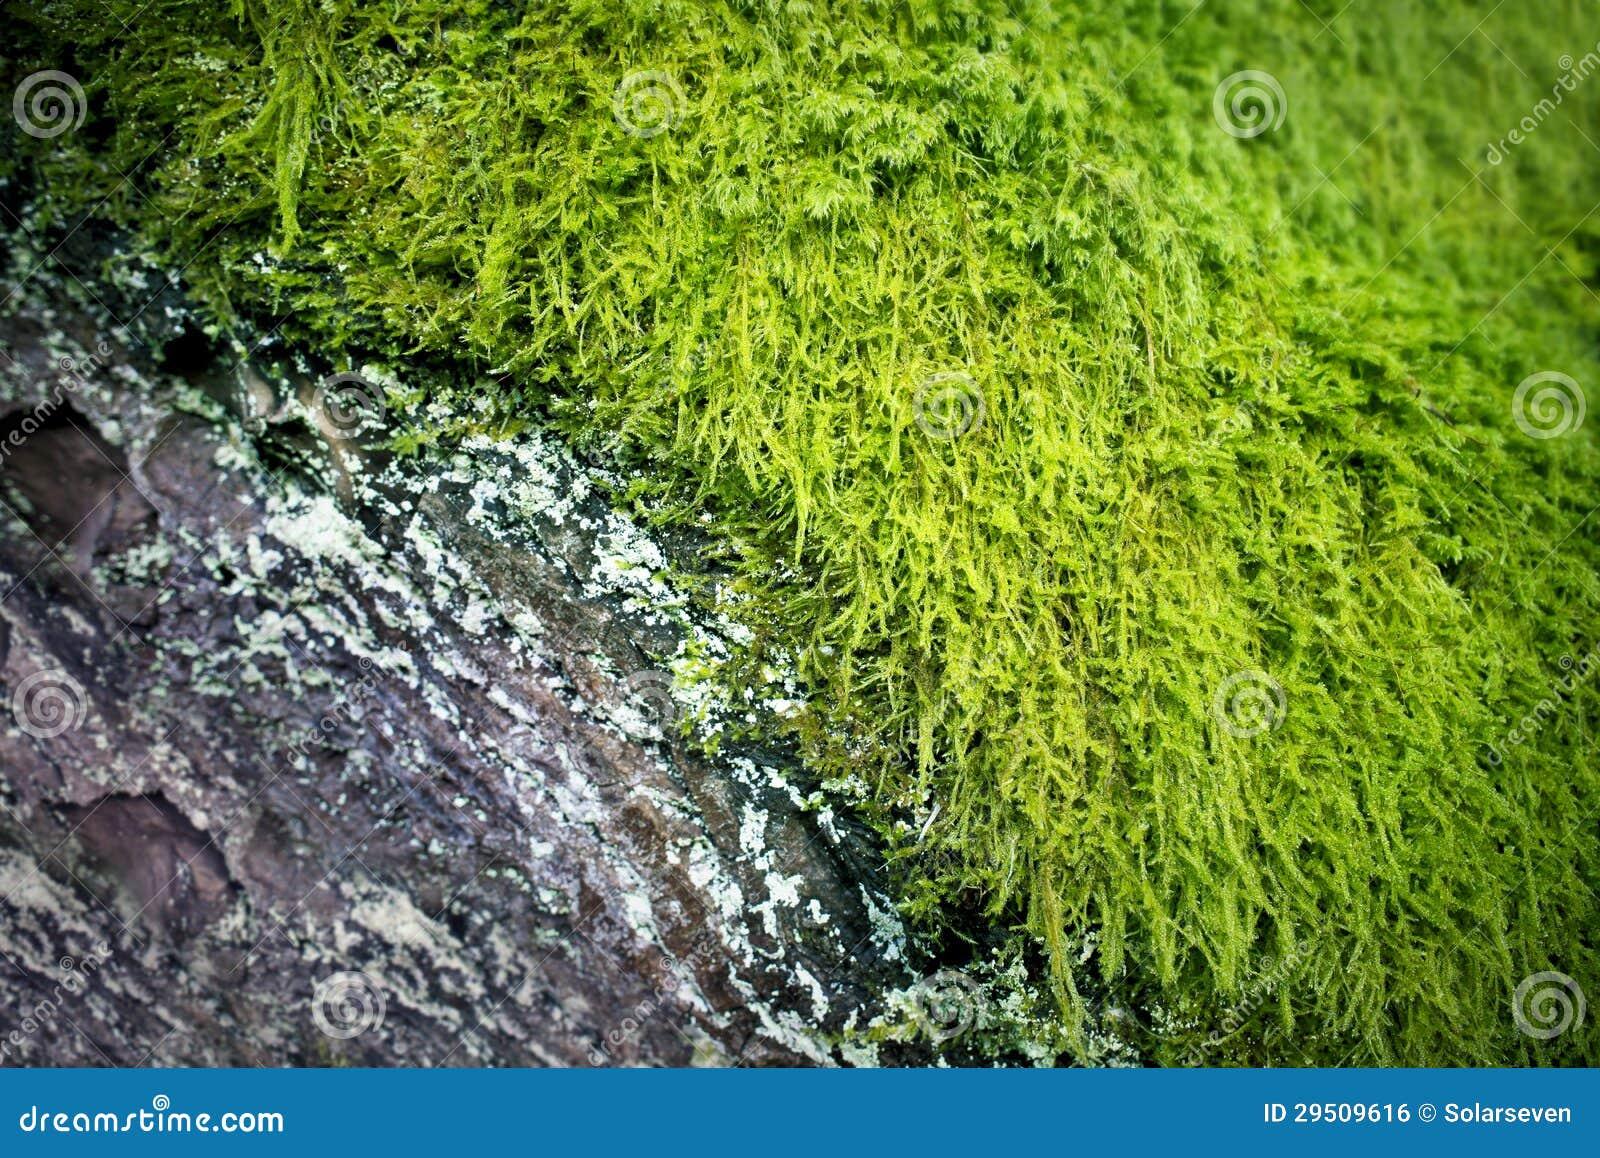 Rustieke Oude Schors & Groen Mos